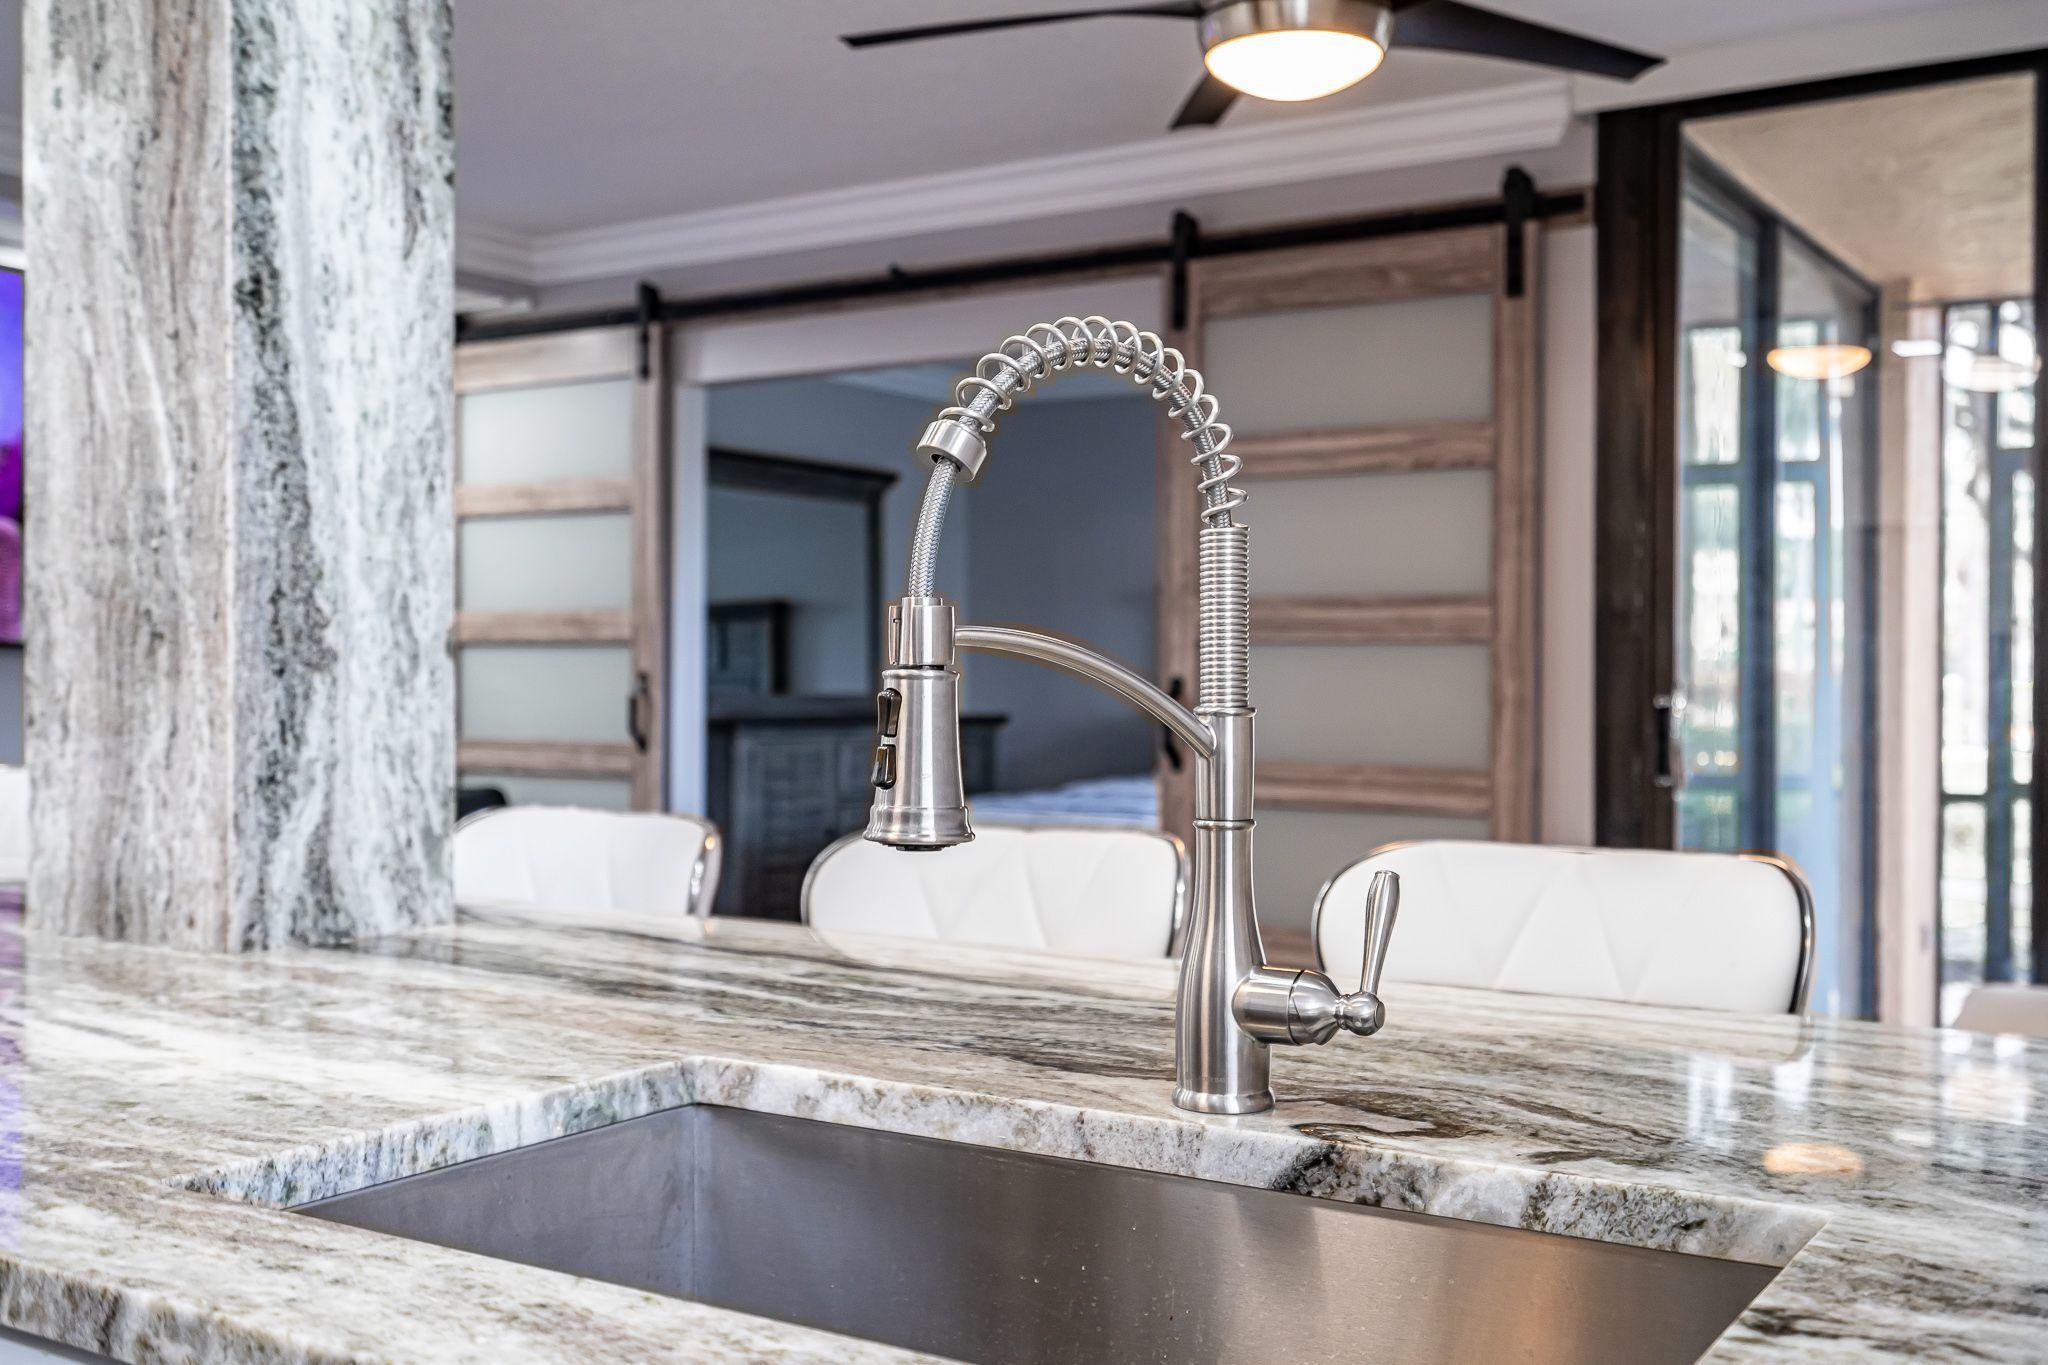 kitchen faucet - Copy